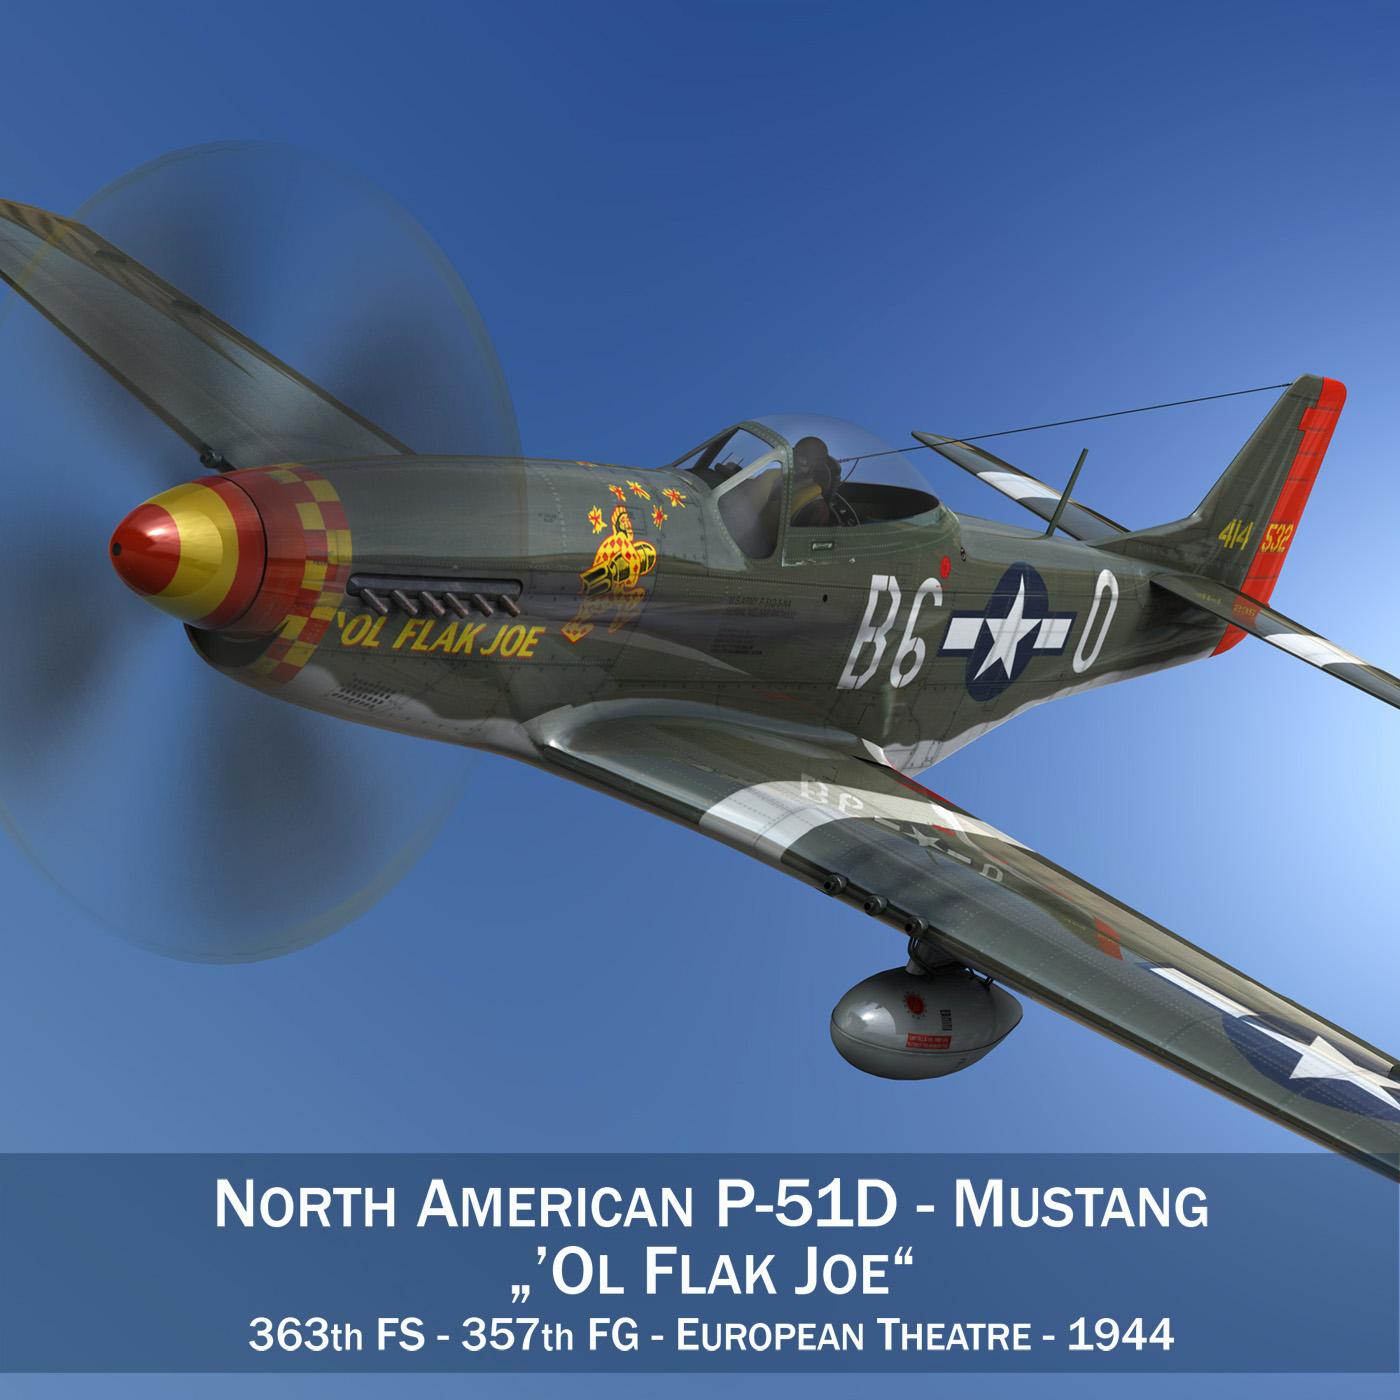 North American P-51D - Ol Flak Joe 3d model 3ds fbx c4d lwo lws lw obj 280100